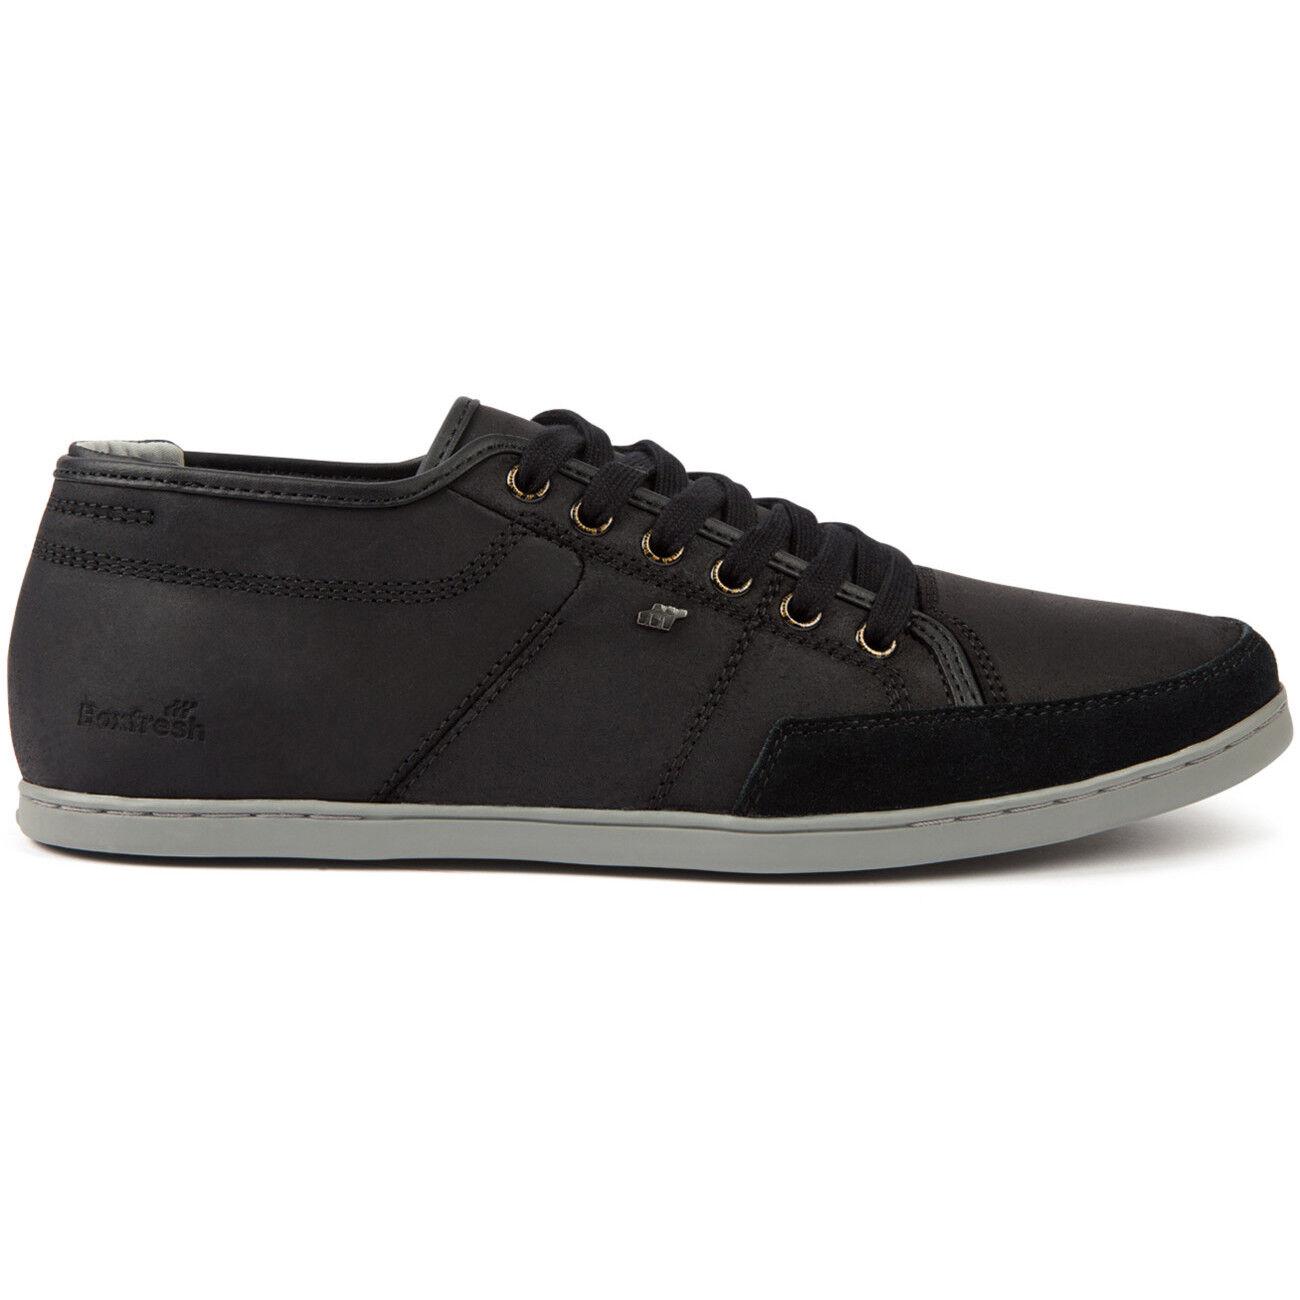 Boxfresh Herren Sneaker SPARKO SH LEA